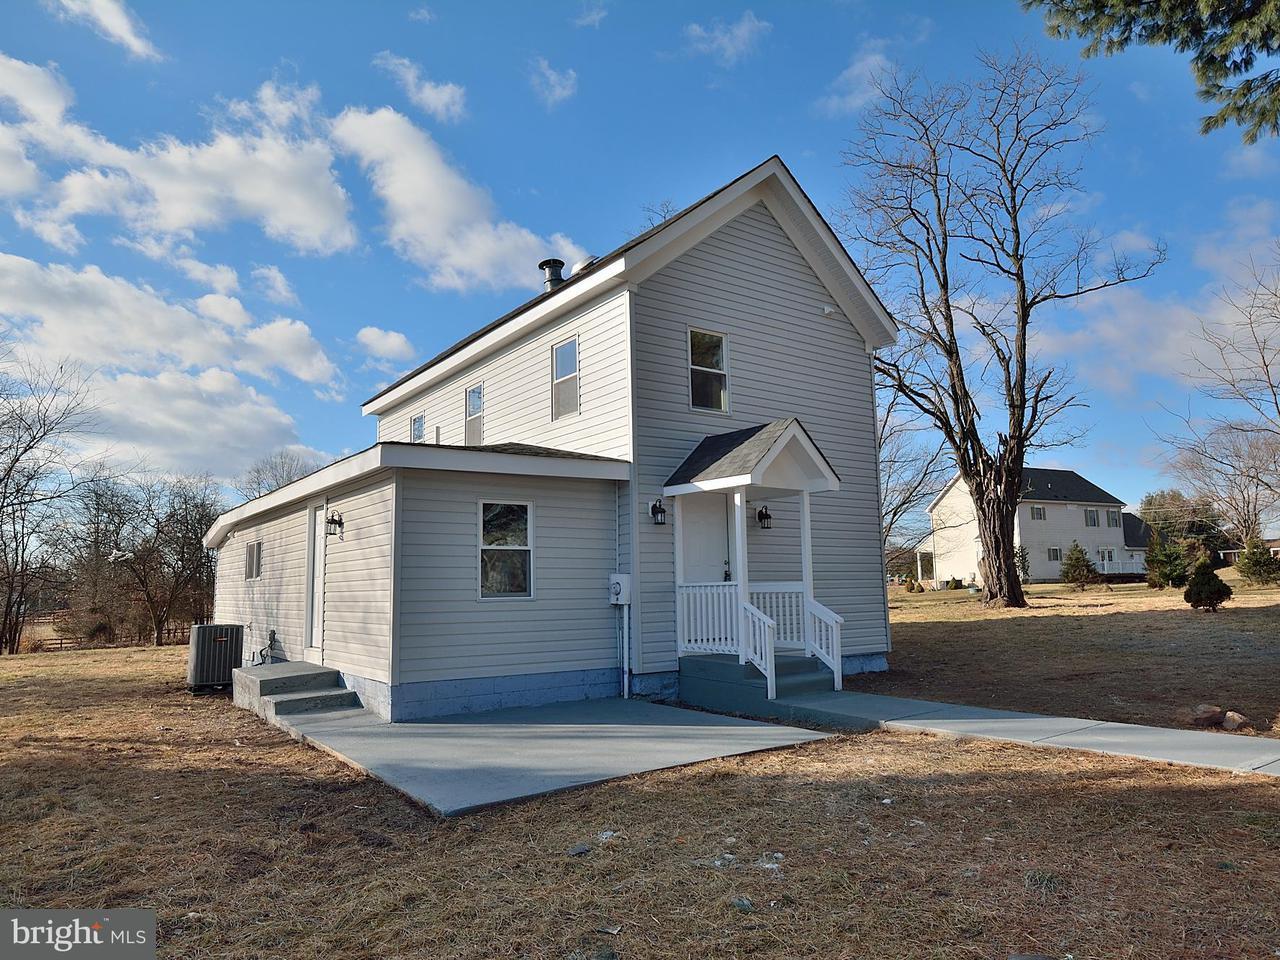 一戸建て のために 売買 アット 3707 Sanders Lane 3707 Sanders Lane Catharpin, バージニア 20143 アメリカ合衆国